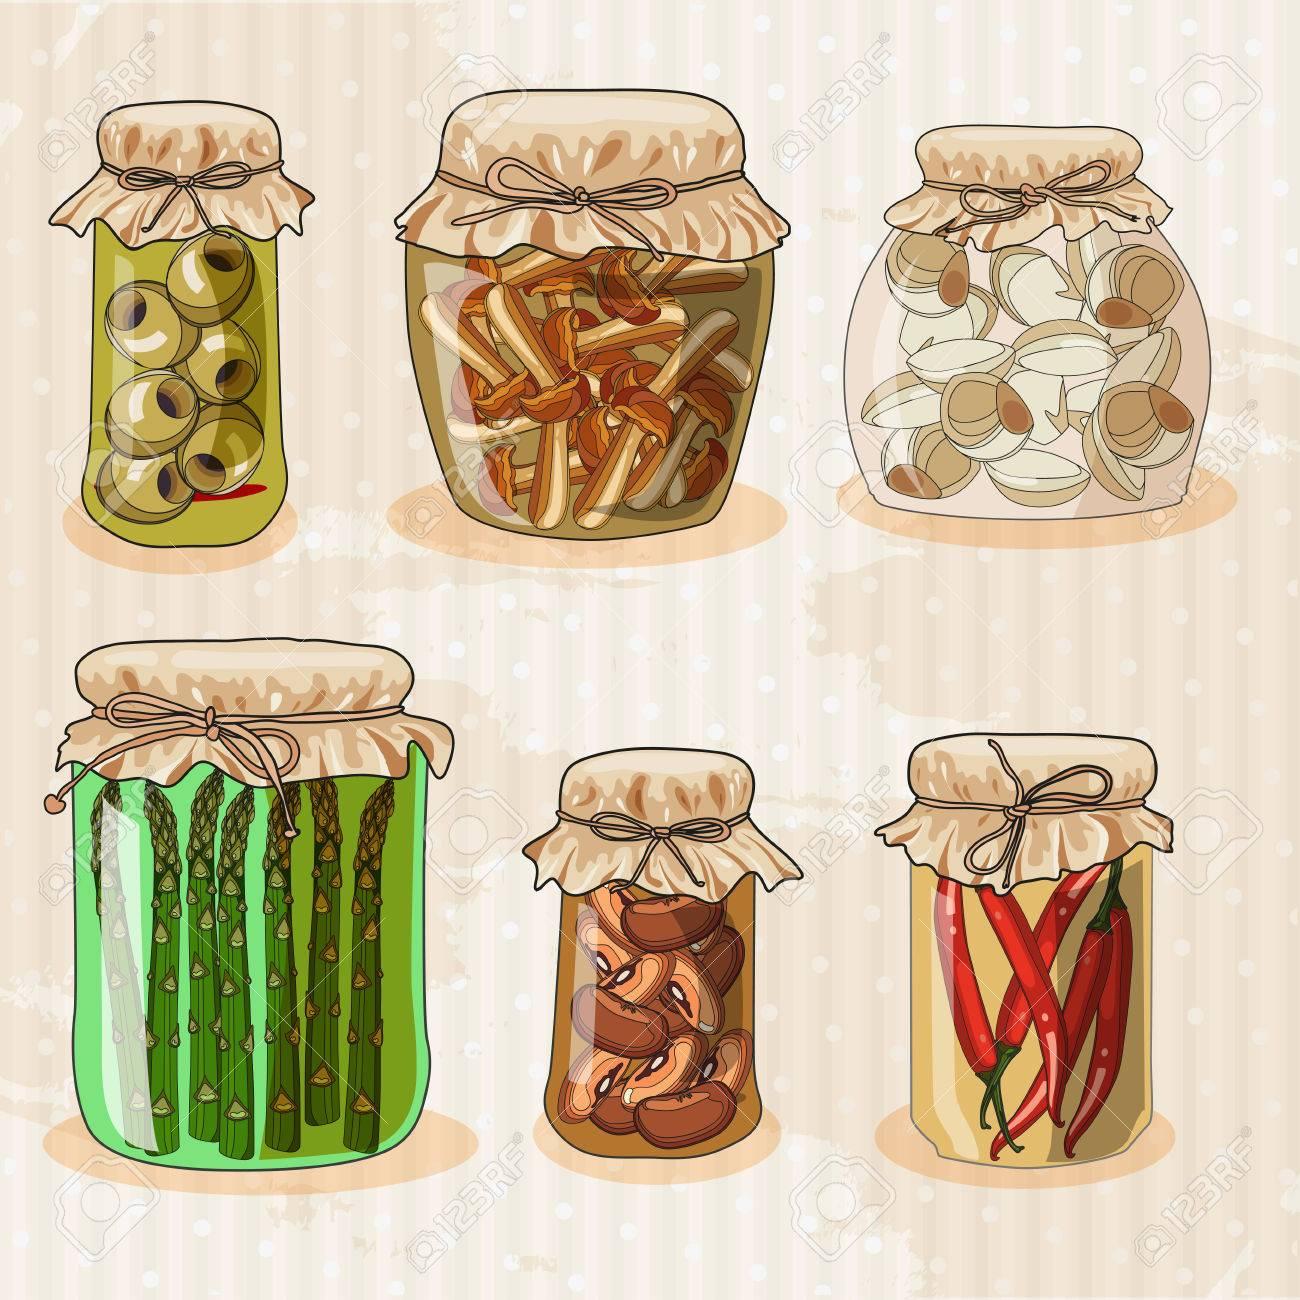 Jars Drawing Set of Jars With Vegetables